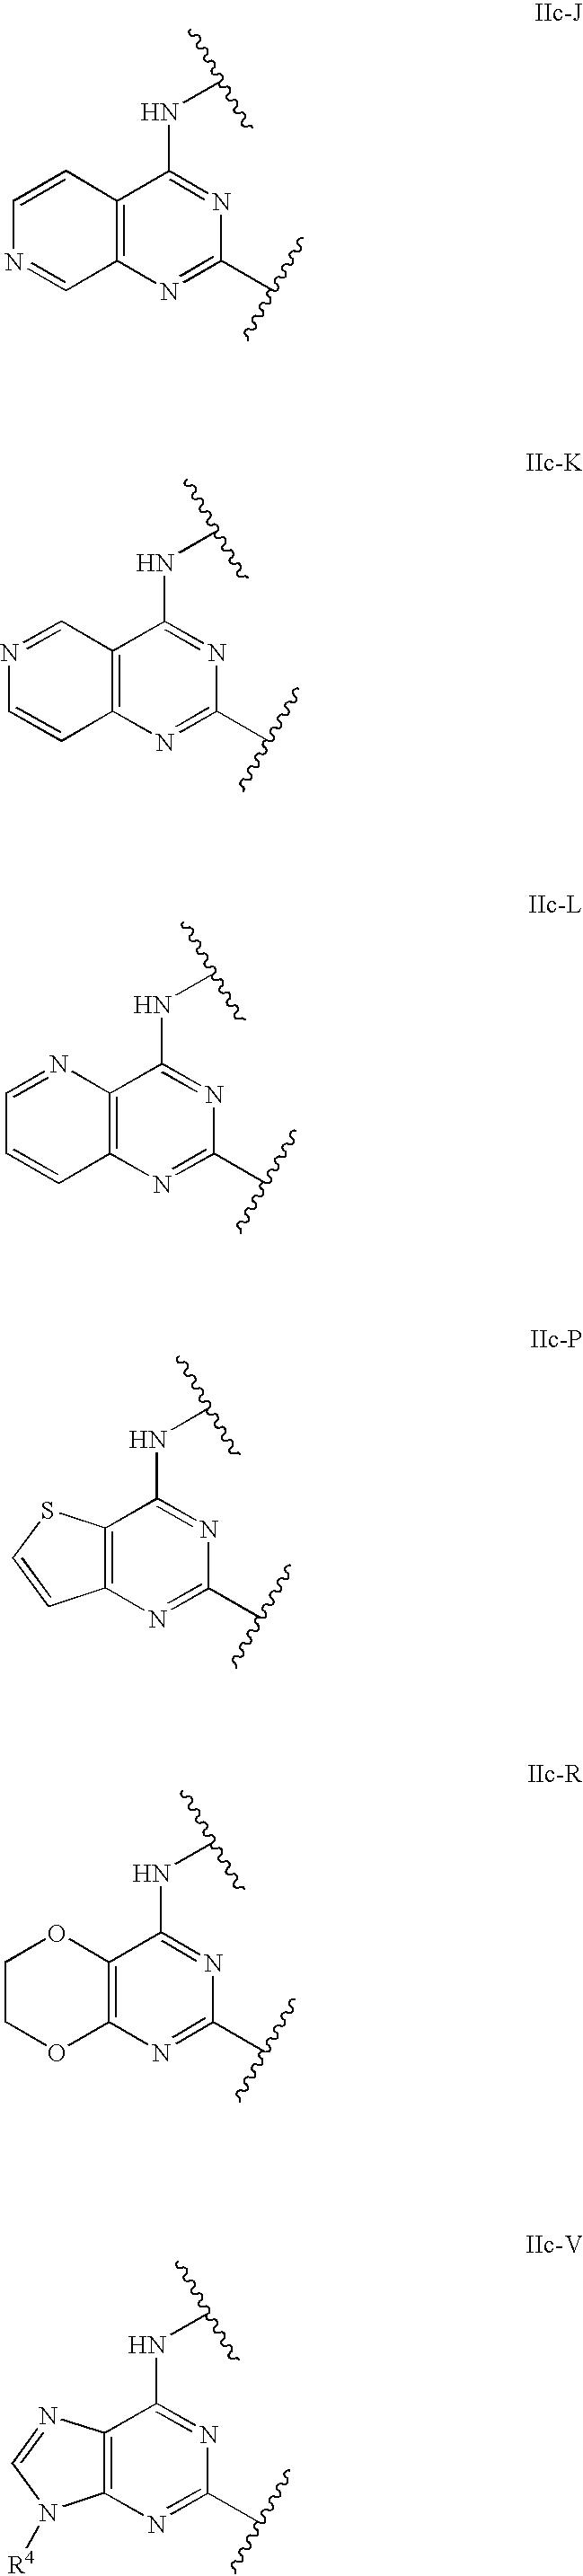 Figure US07531536-20090512-C00110